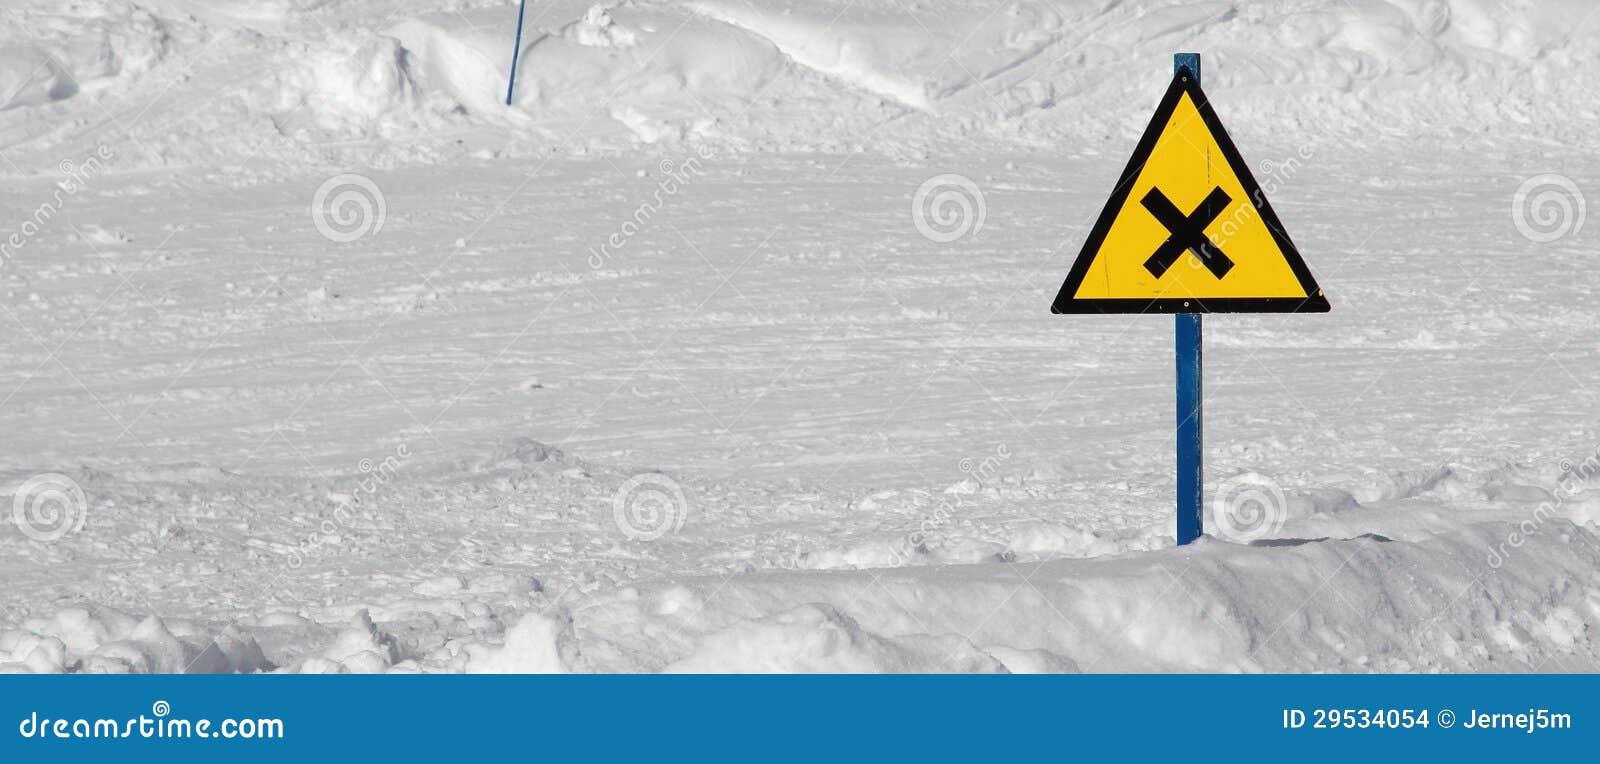 Cruz do esqui